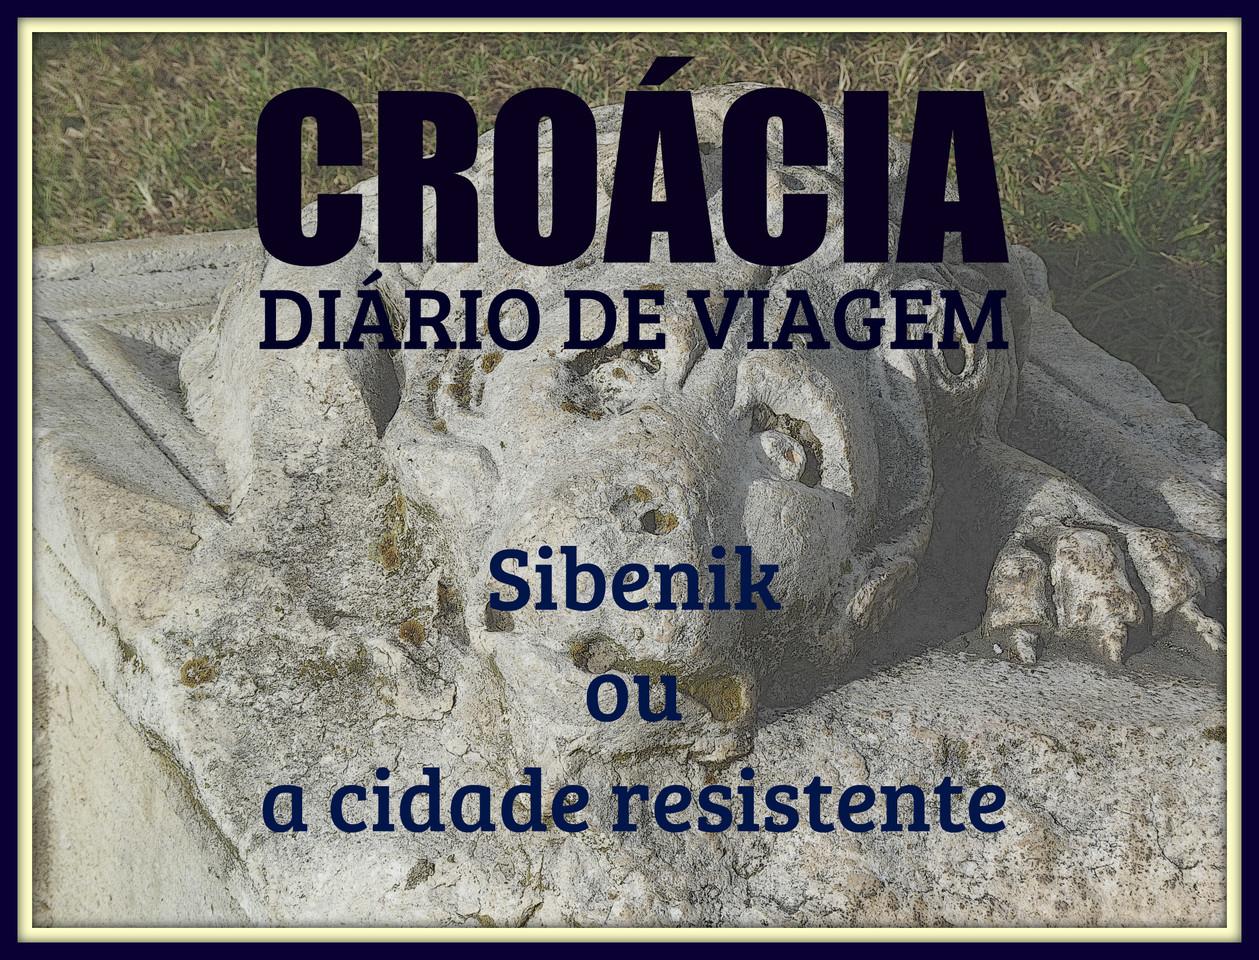 Croácia diário de viagem VIII.jpg